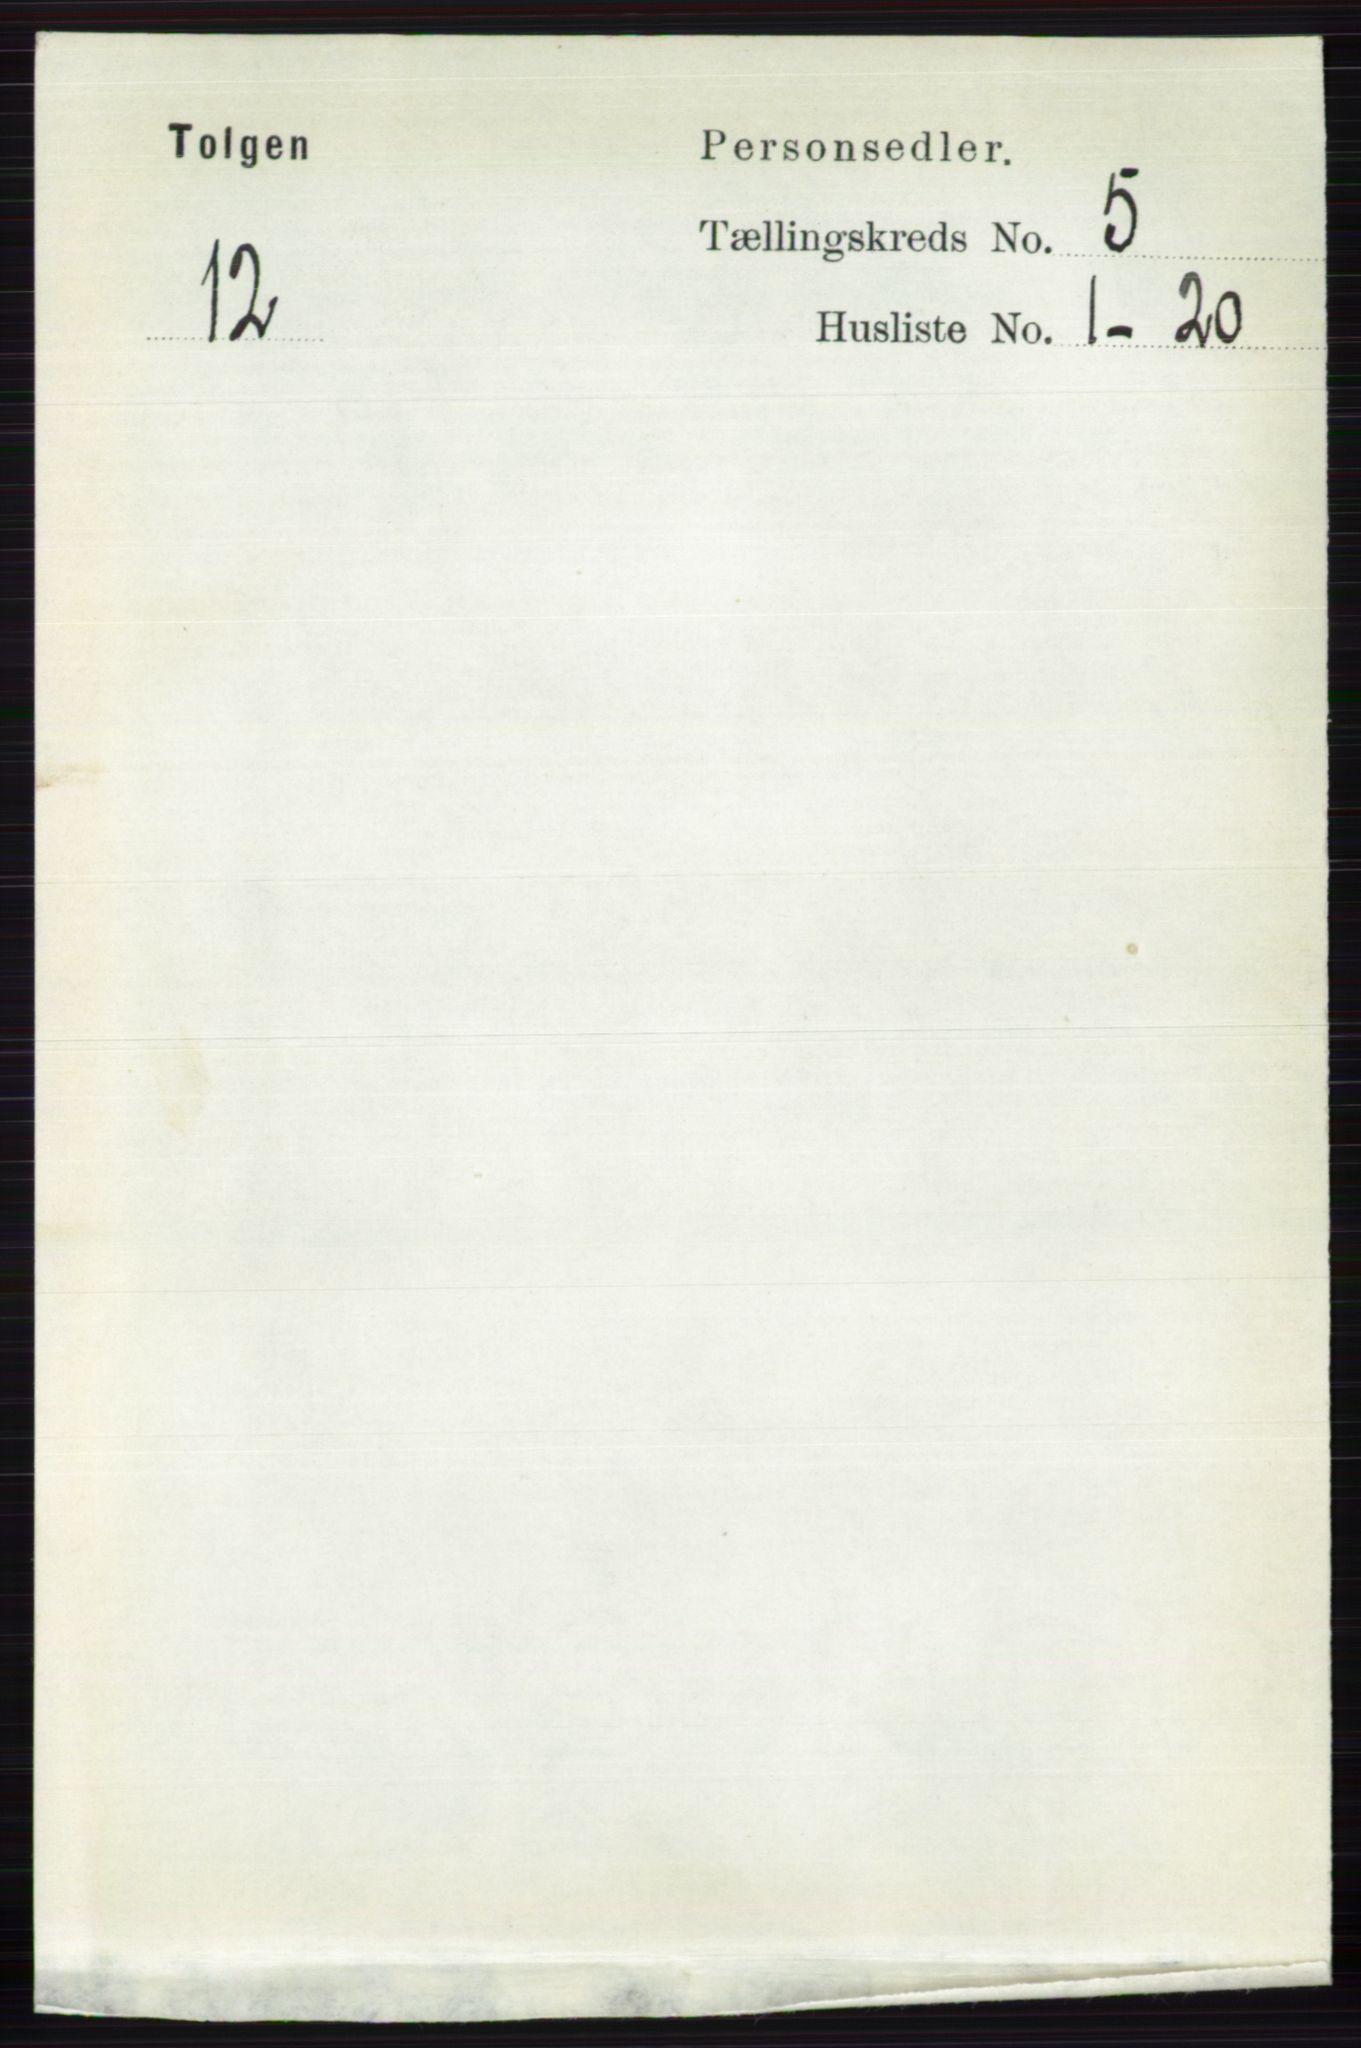 RA, Folketelling 1891 for 0436 Tolga herred, 1891, s. 1292